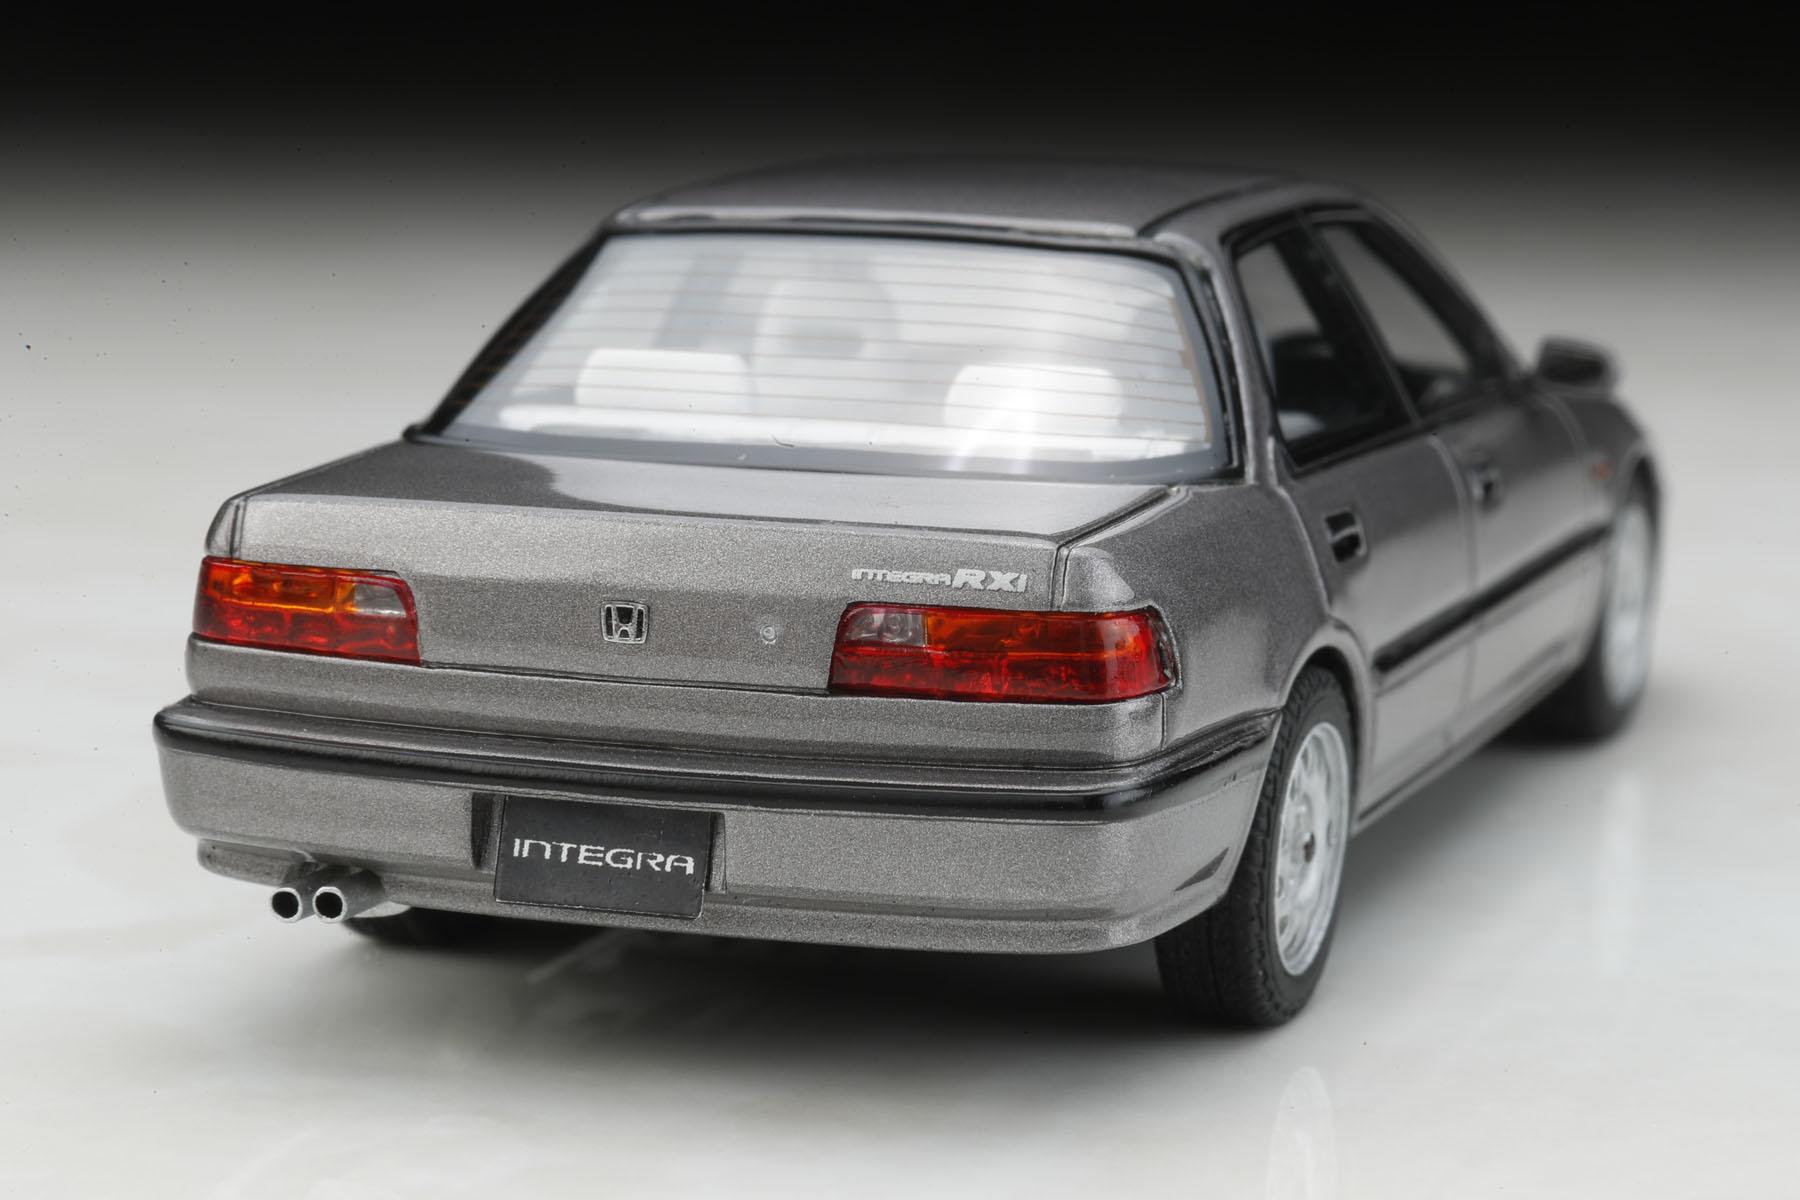 ポストホビー限定 MARK43 ホンダ インテグラ (DA7) RXi 1991  純正シートカバー(高級タイプ)ご予約開始!!_f0372507_2263549.jpg